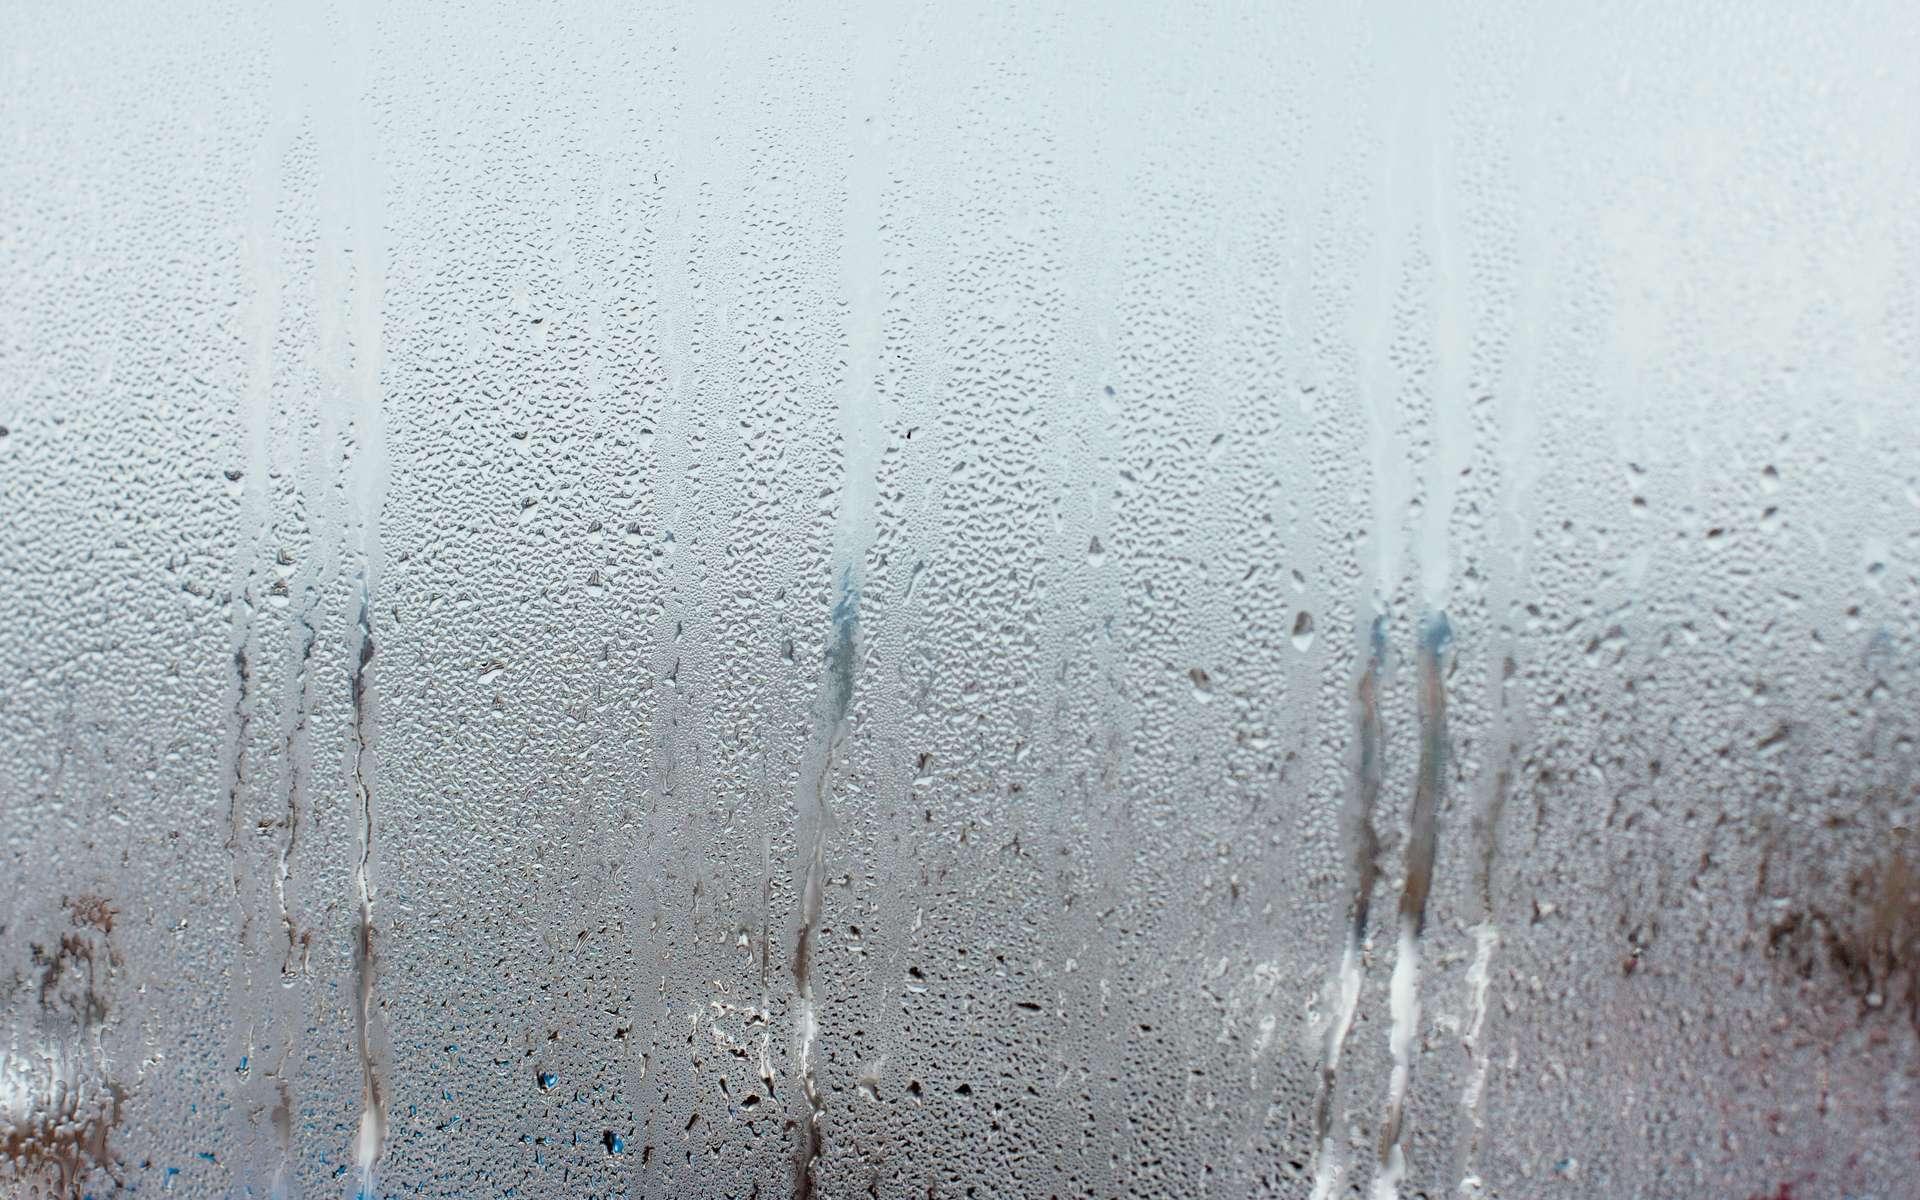 Une bouche d'extraction hygroréglable gère le débit d'air vicié à extraire en fonction du taux d'humidité présent dans l'air ambiant d'une salle de bains, d'une cuisine, d'un toilette. ©Adobe Stock